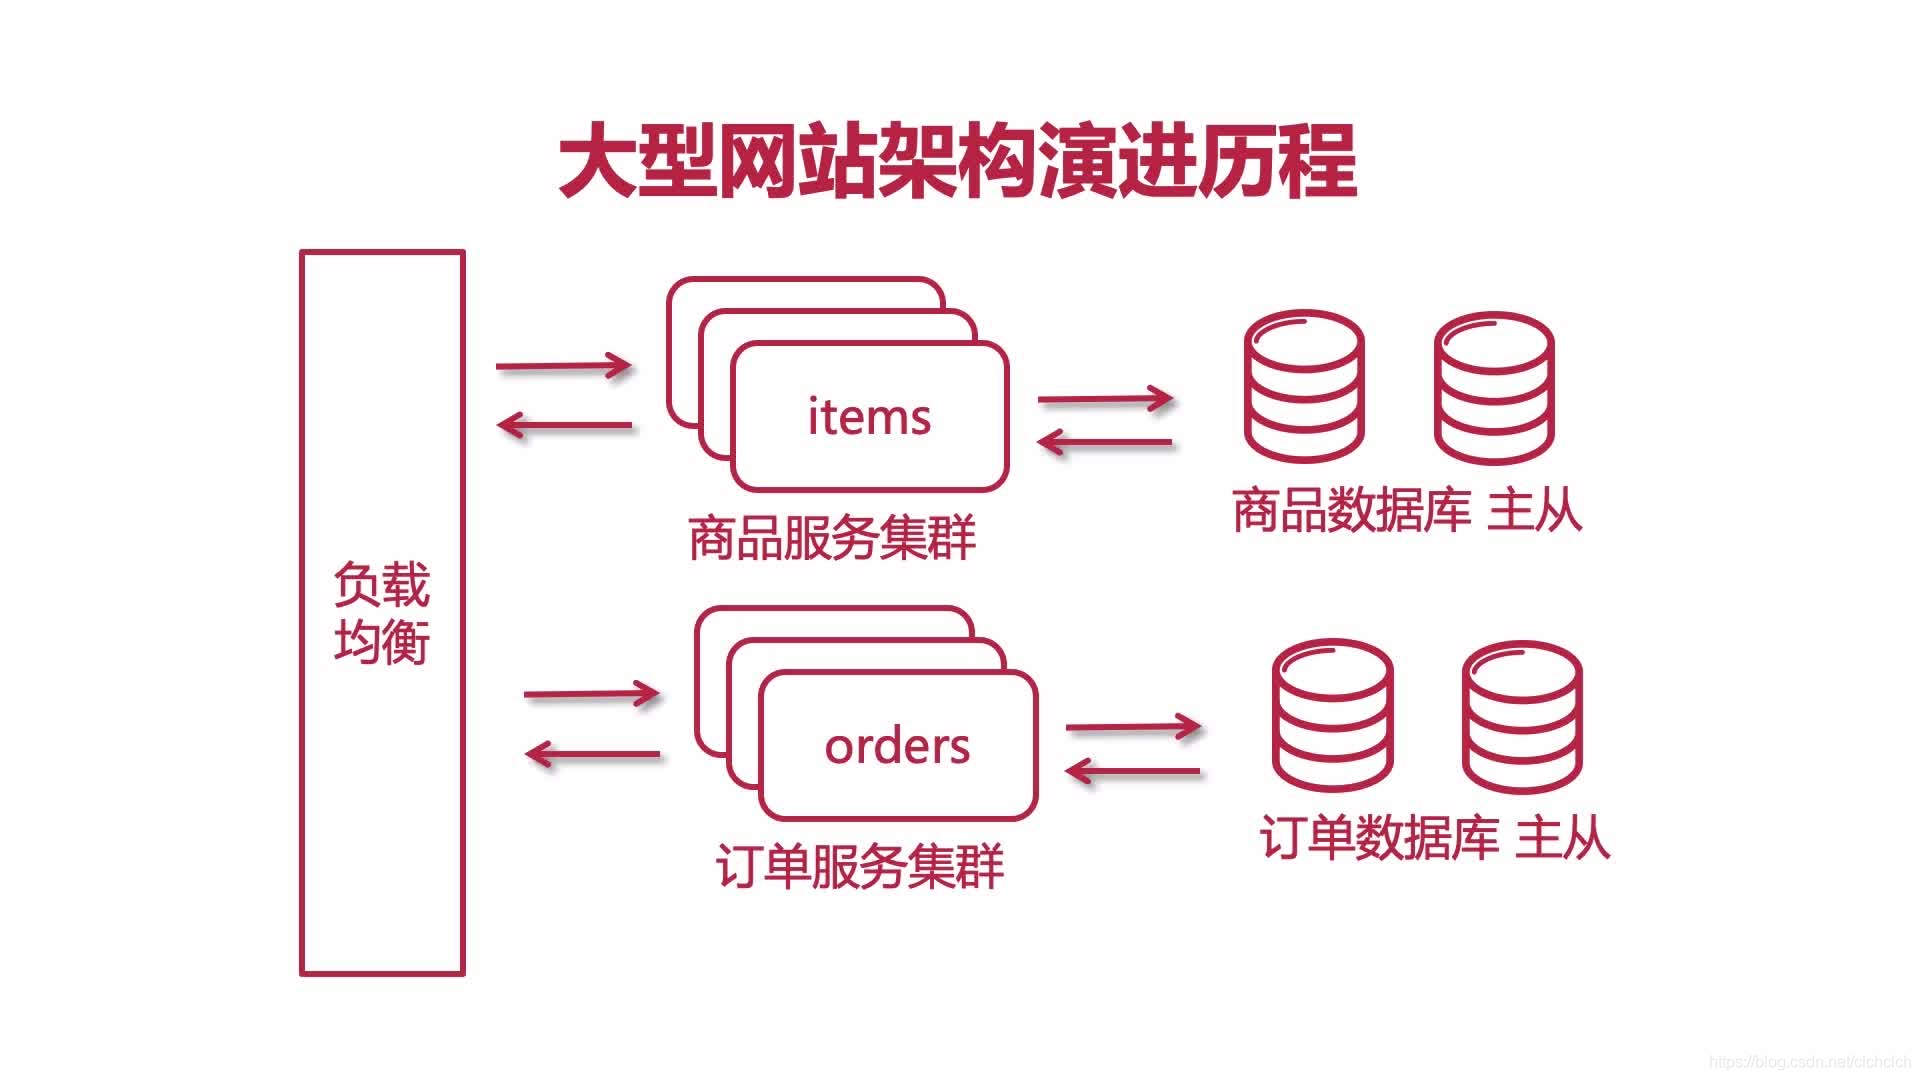 集群架构演进版本9.0